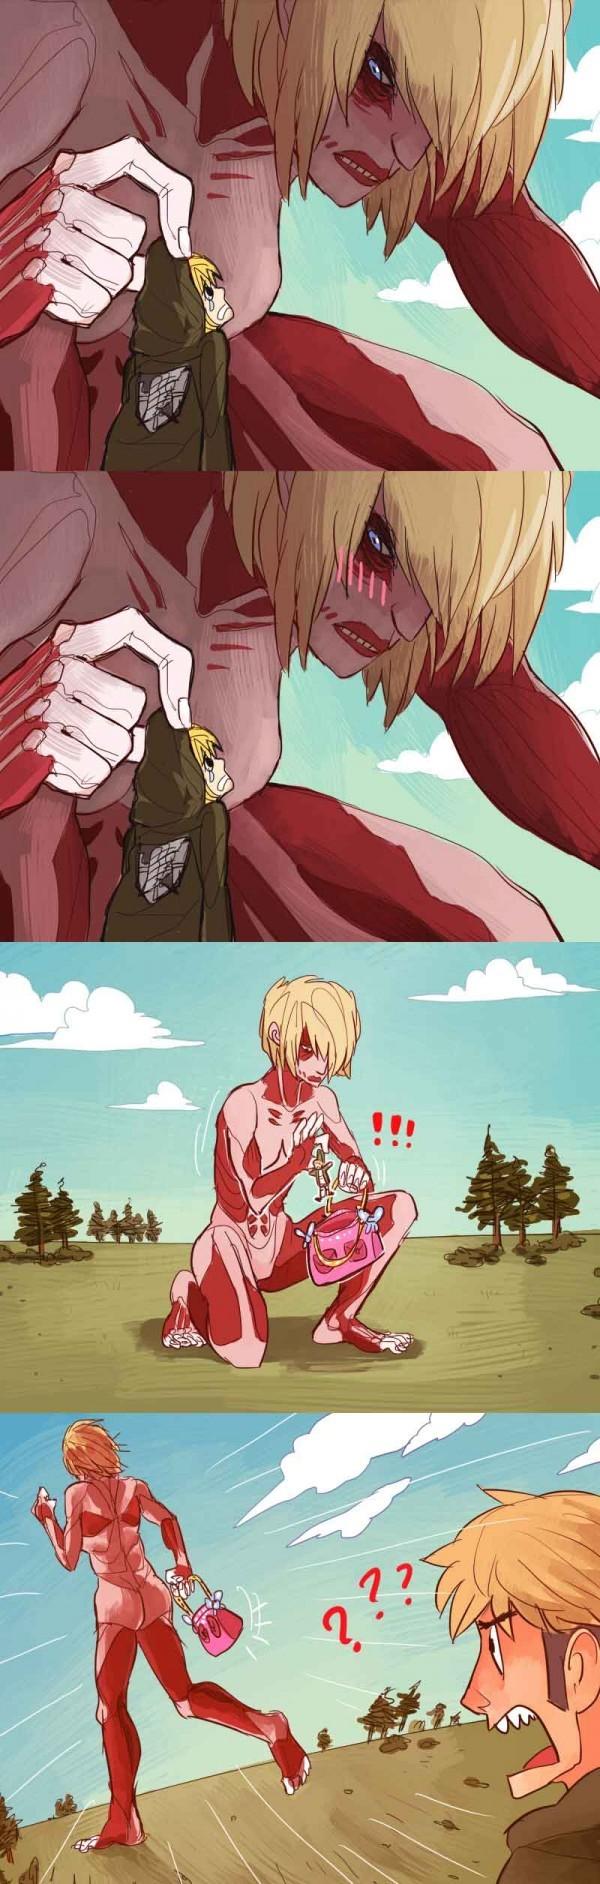 Si le titan féminin aurait prit Armin...dans son sac de Paris - meme